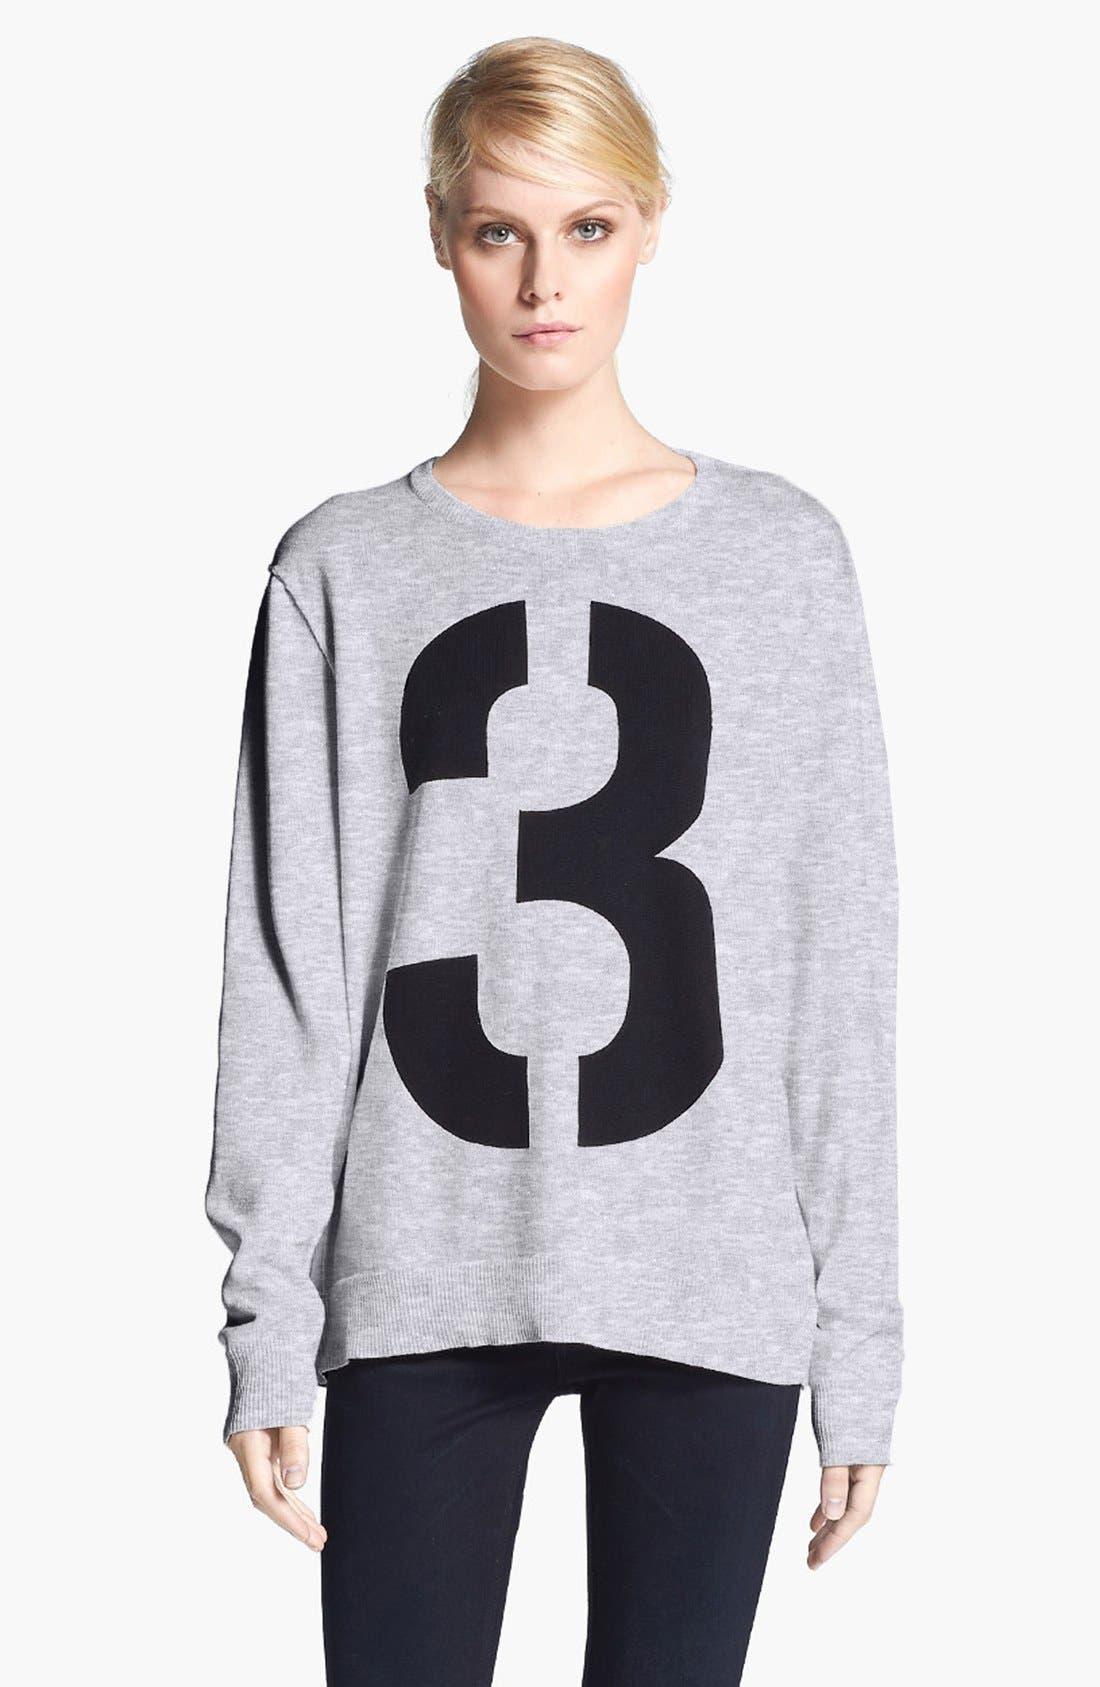 Alternate Image 1 Selected - rag & bone 'Numbers' Crewneck Sweatshirt